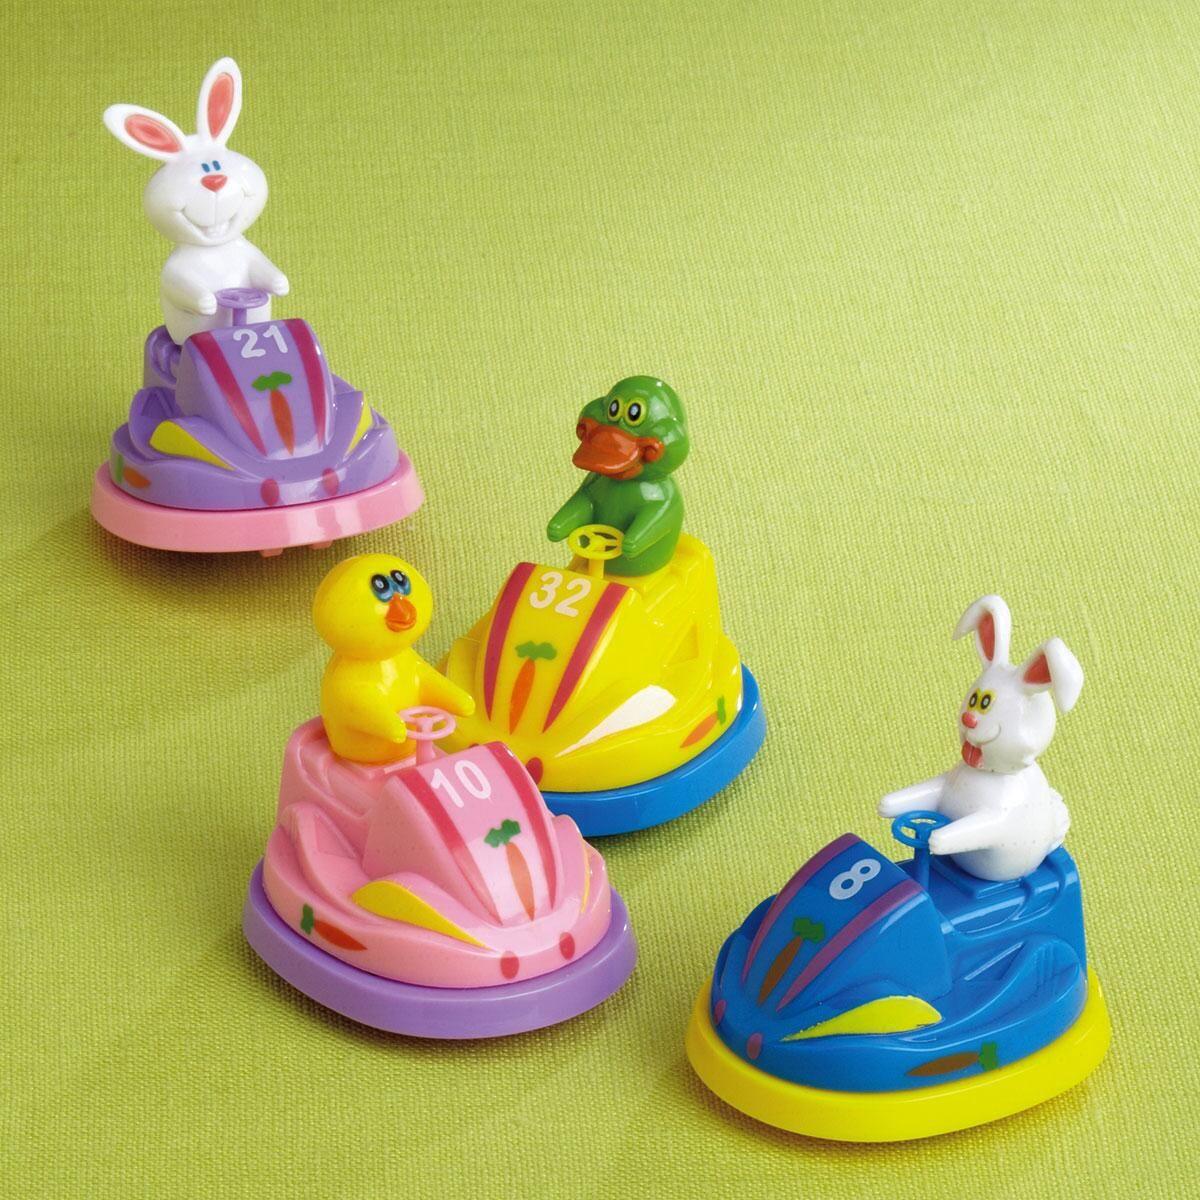 Bunny Bumper Cars